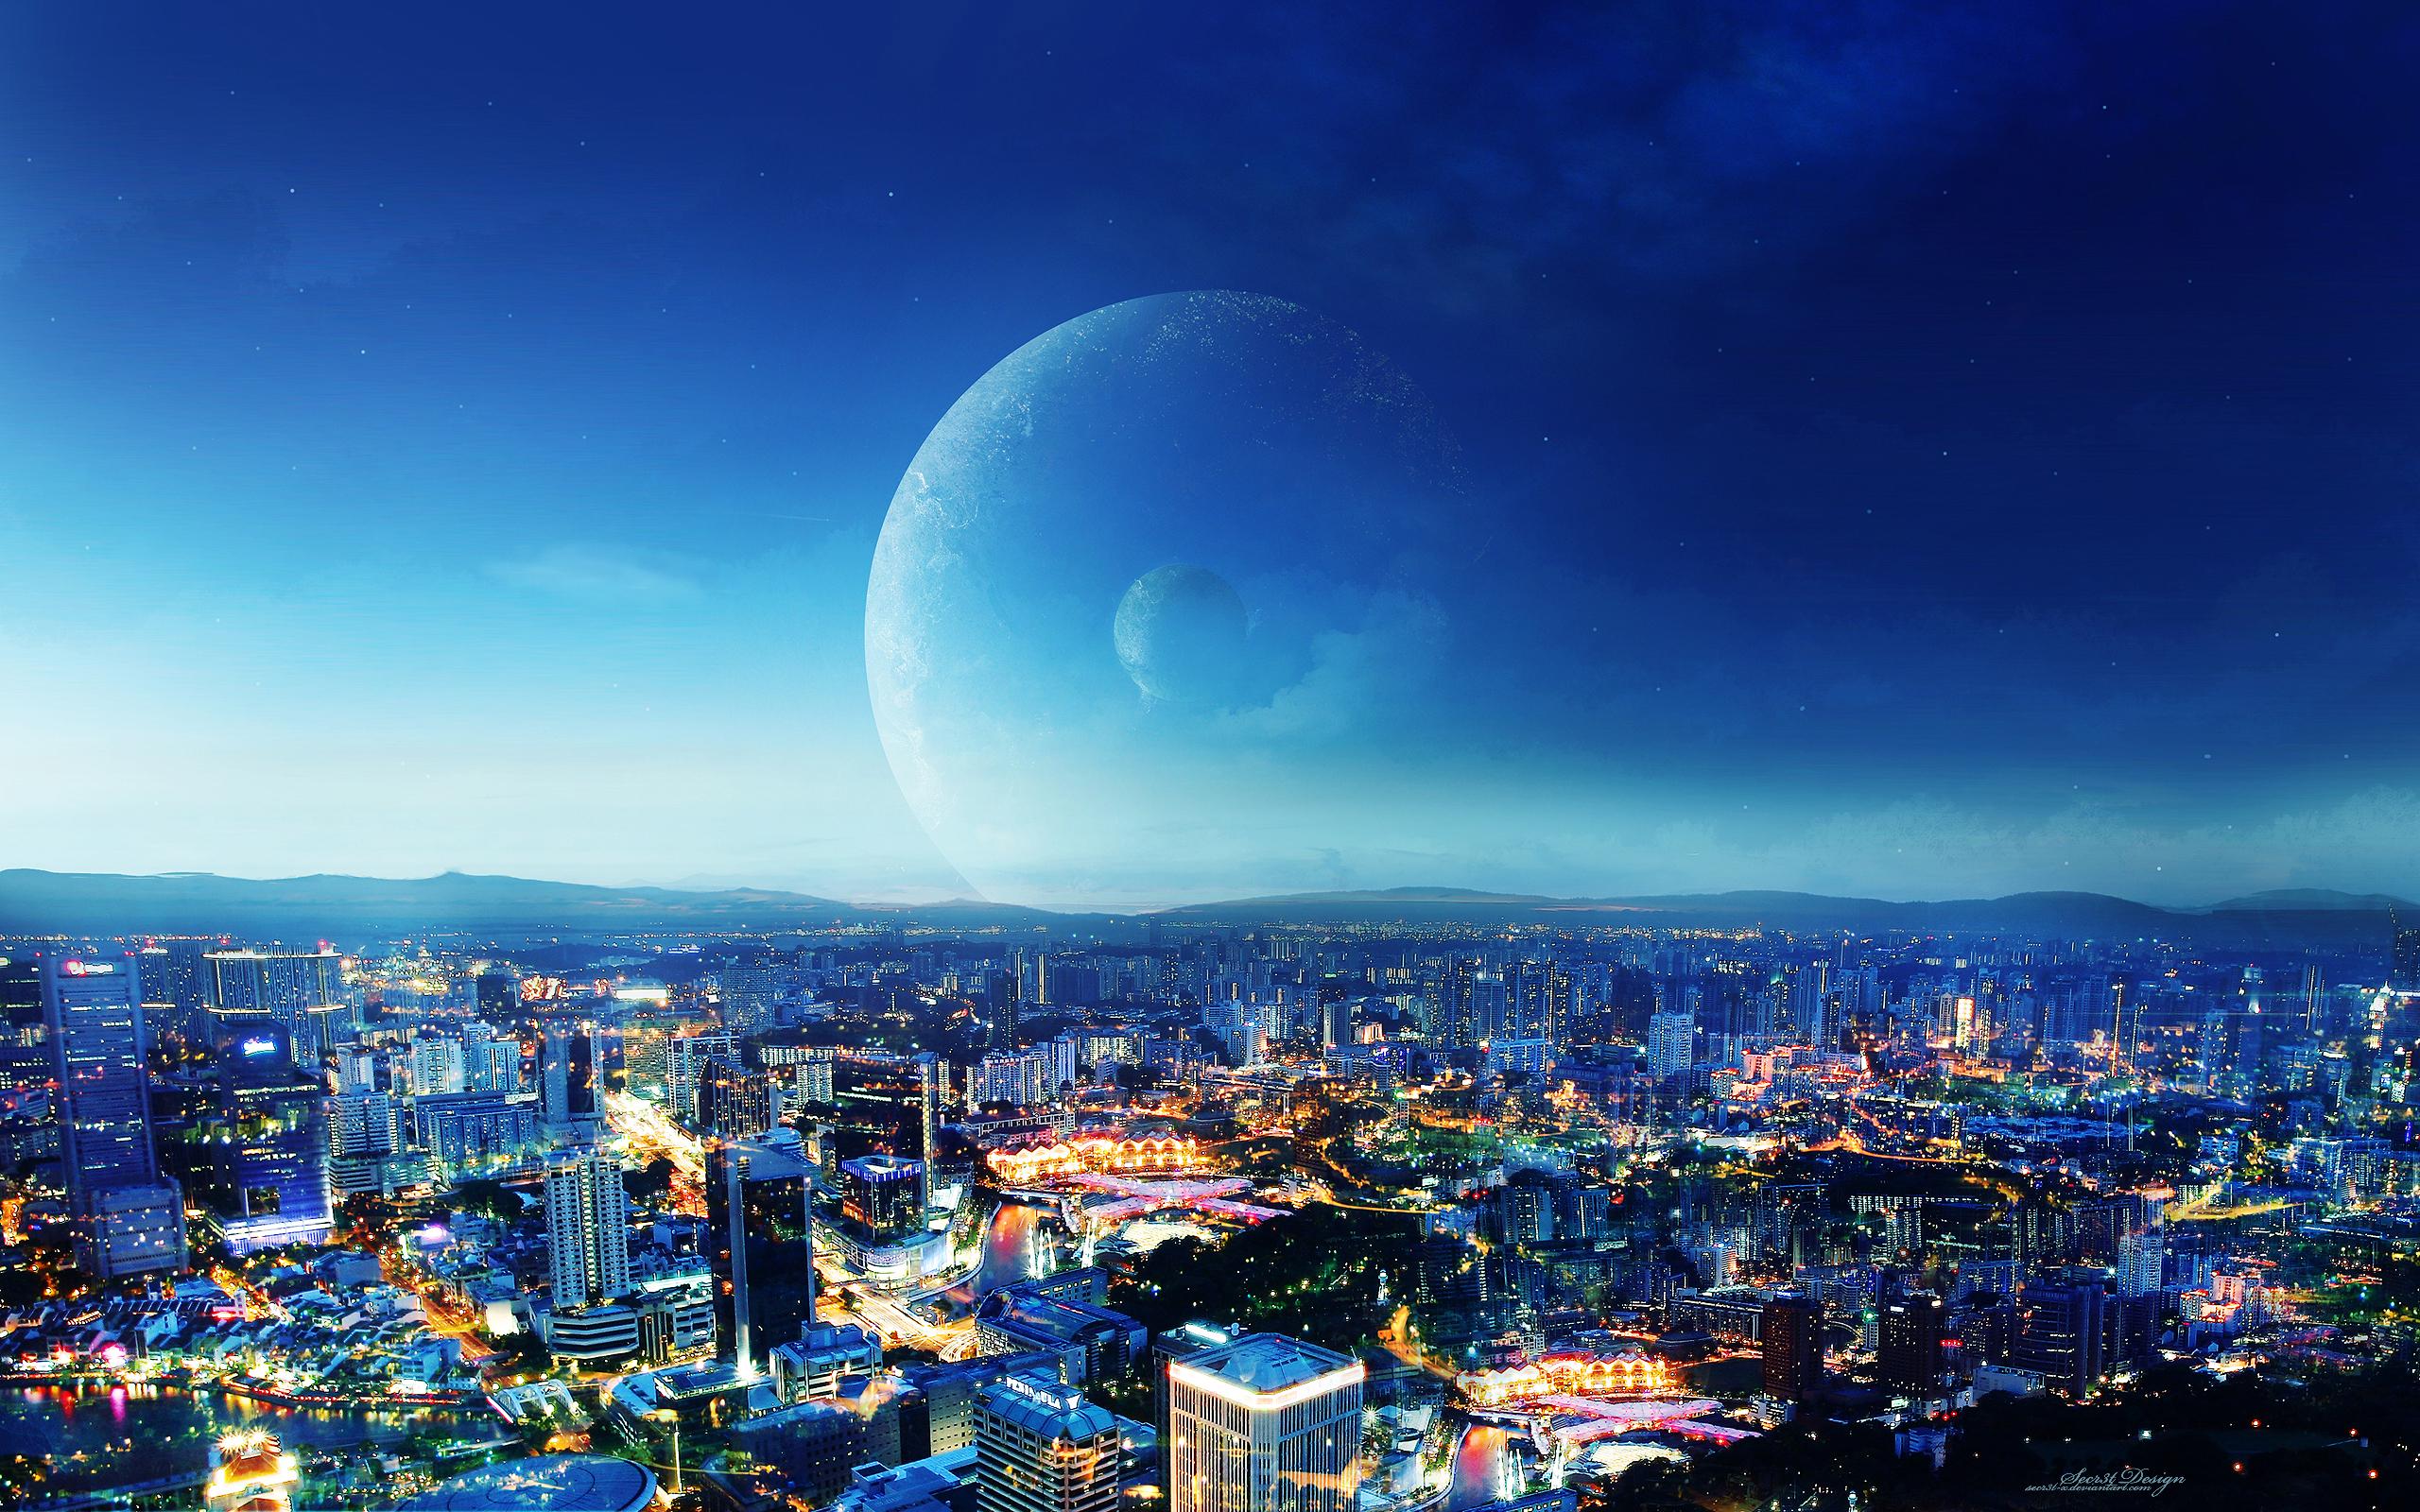 night city wallpaper wallpapersafari